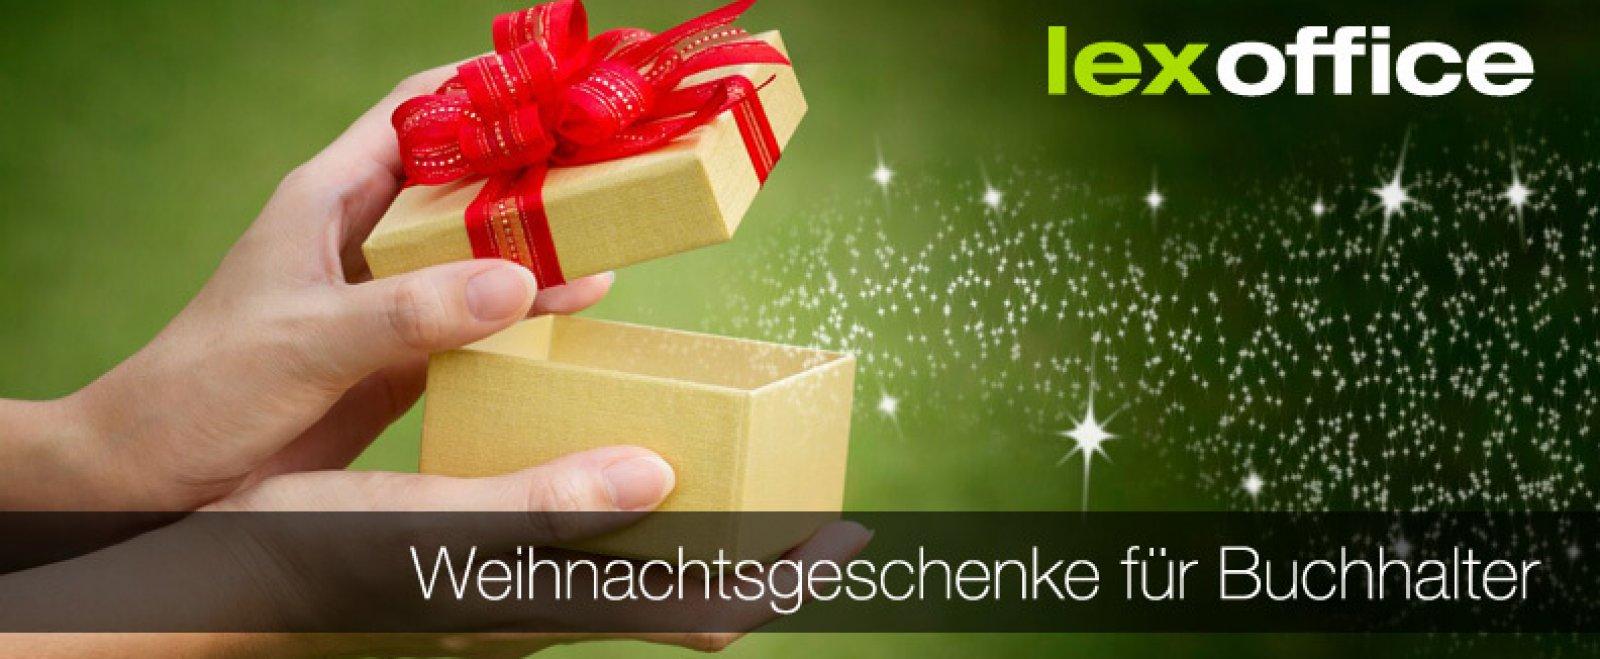 Weihnachtsgeschenke für Buchhalter